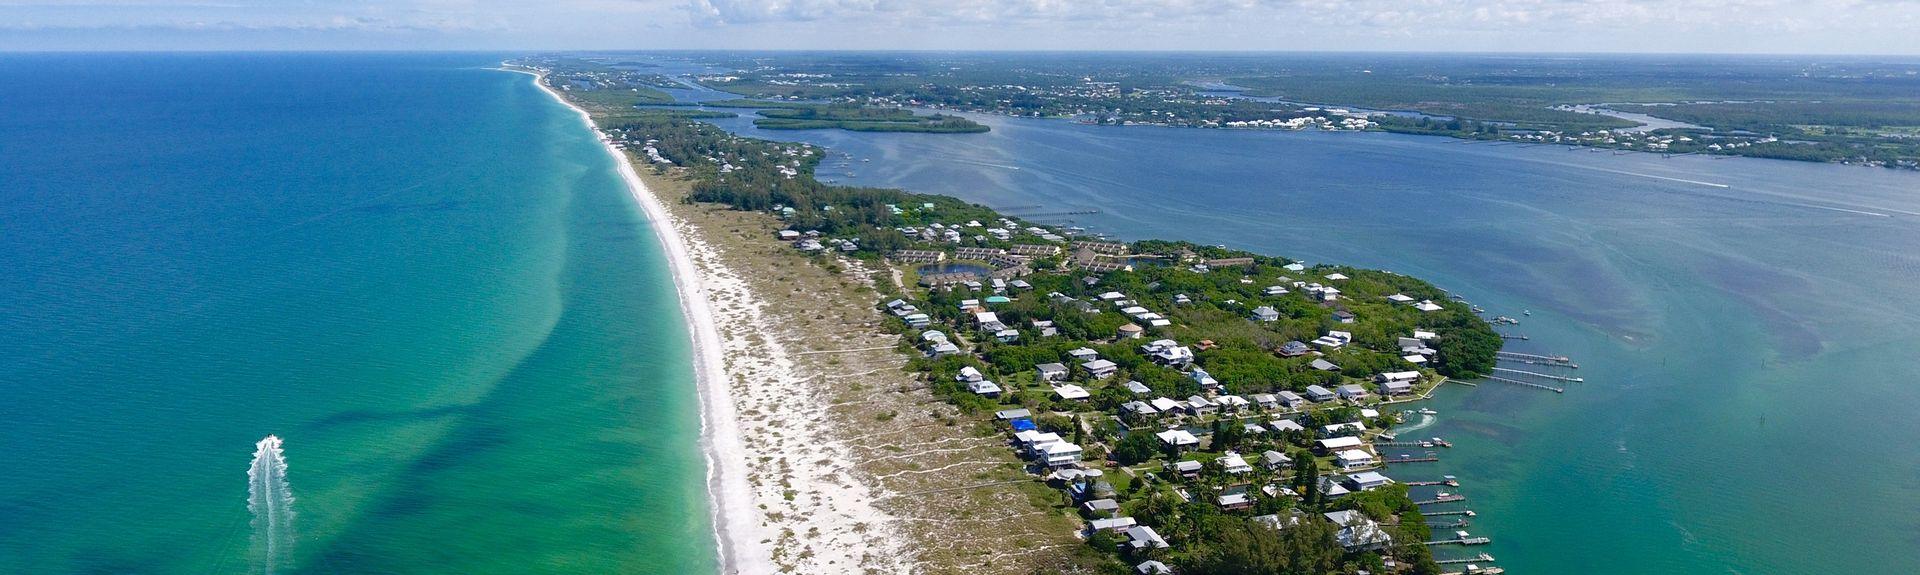 Port Charlotte Beach Park, Port Charlotte, FL, USA